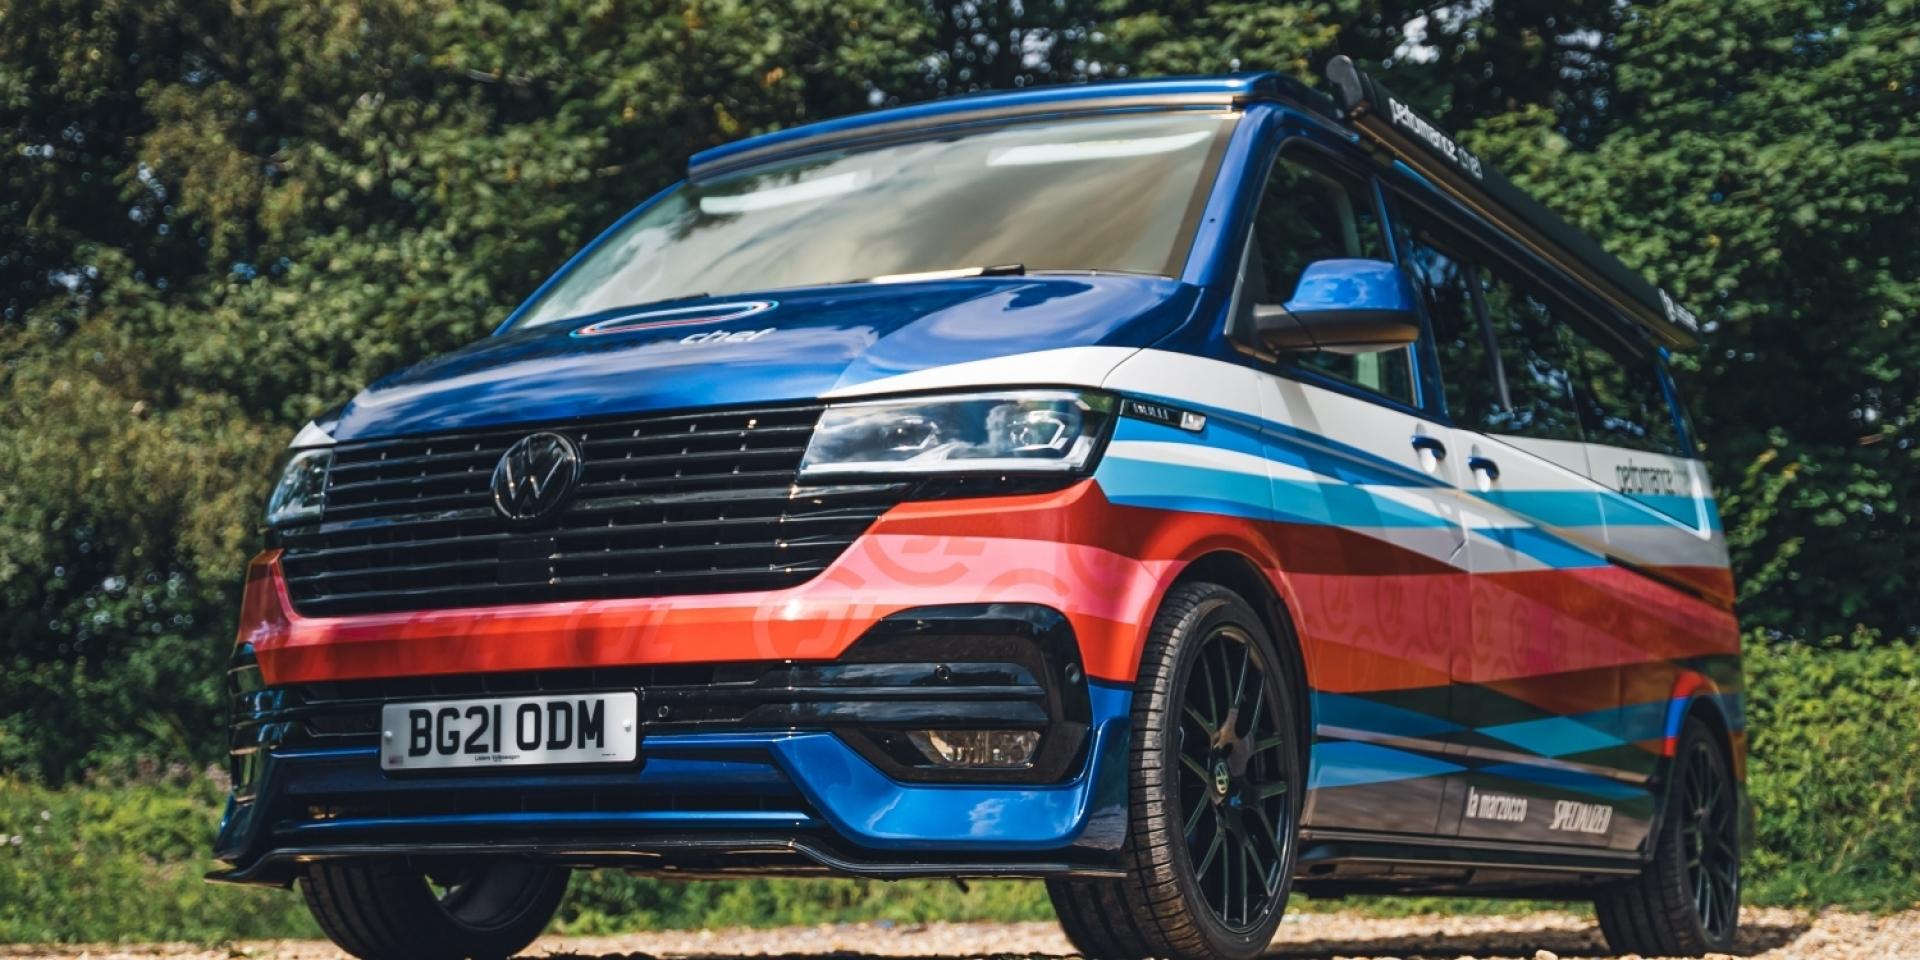 真人版米其林主廚快餐車!英國VW把一台Transporter 6.1改成一個高級廚房